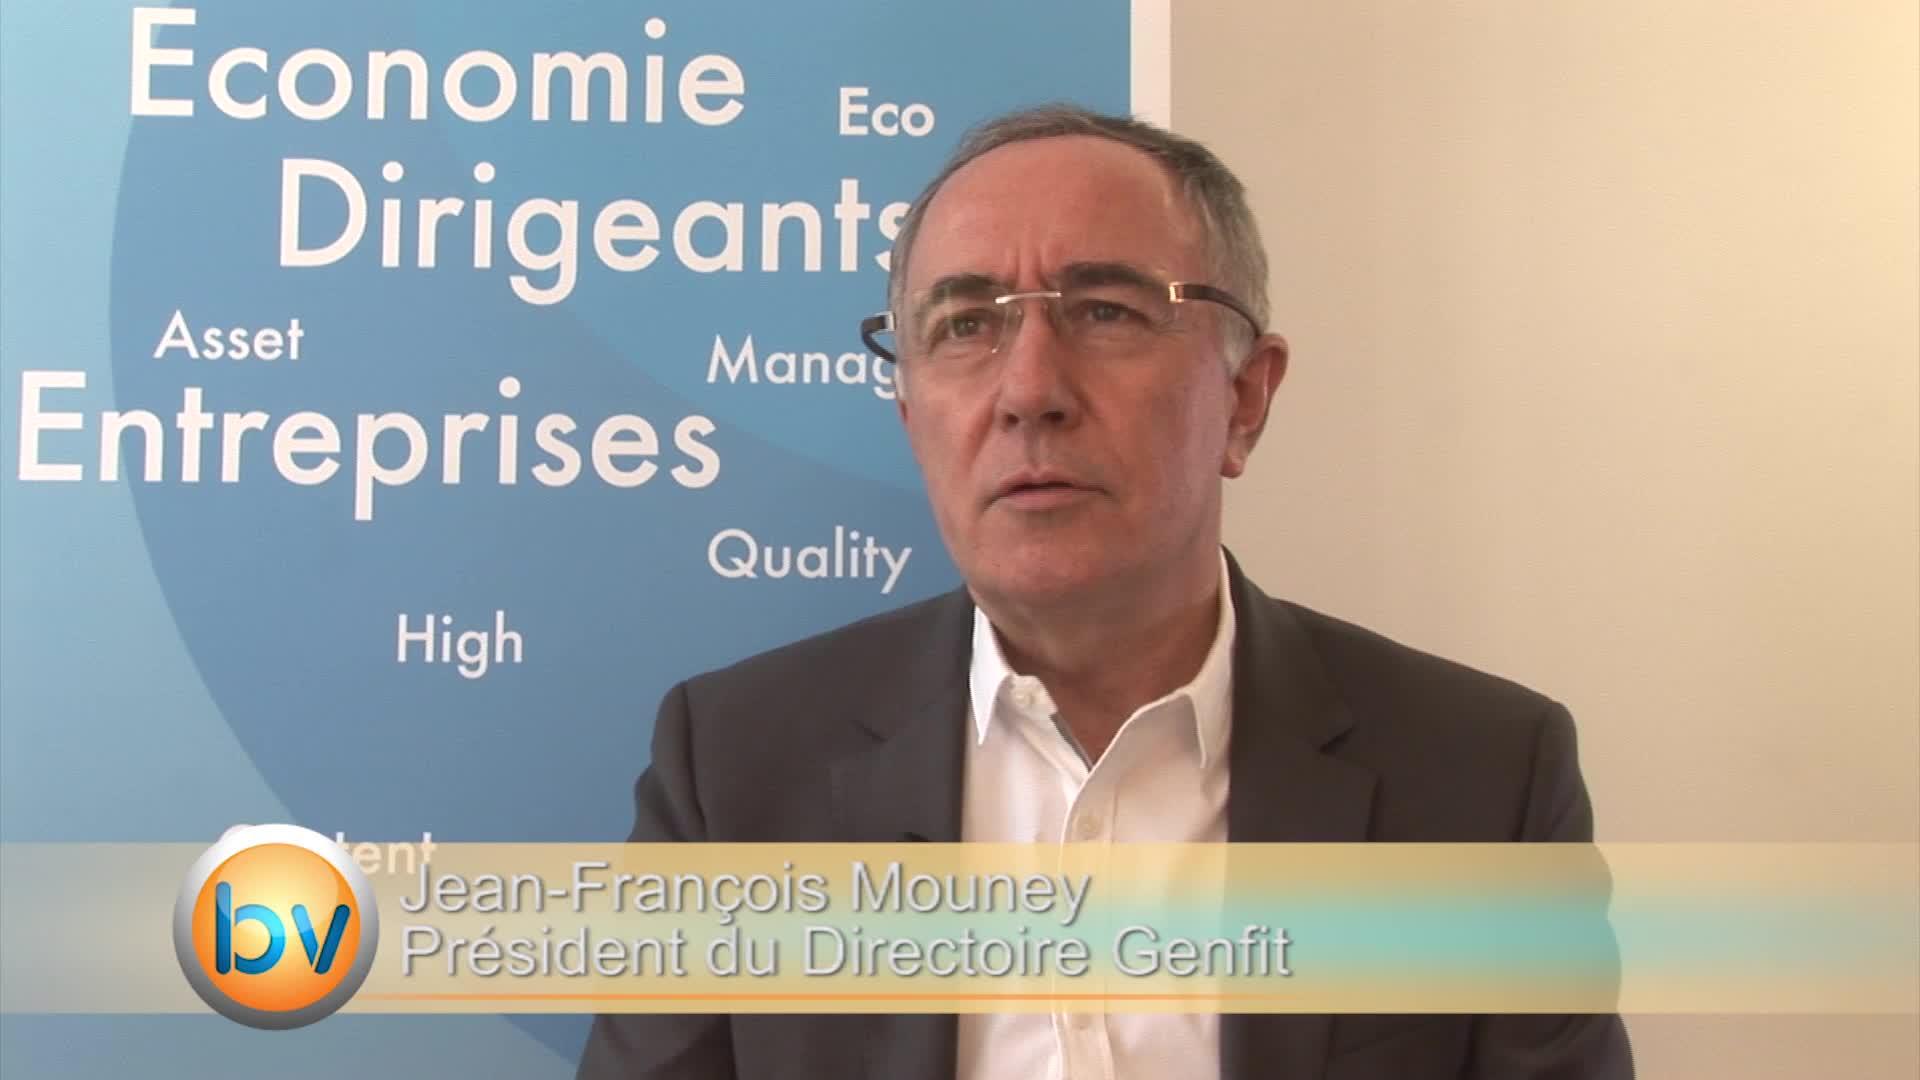 """Jean-François Mouney Président du Directoire Genfit : """"La probabilité que la phase 3 démarre sur le 505 après accord de la FDA est très élevé"""""""